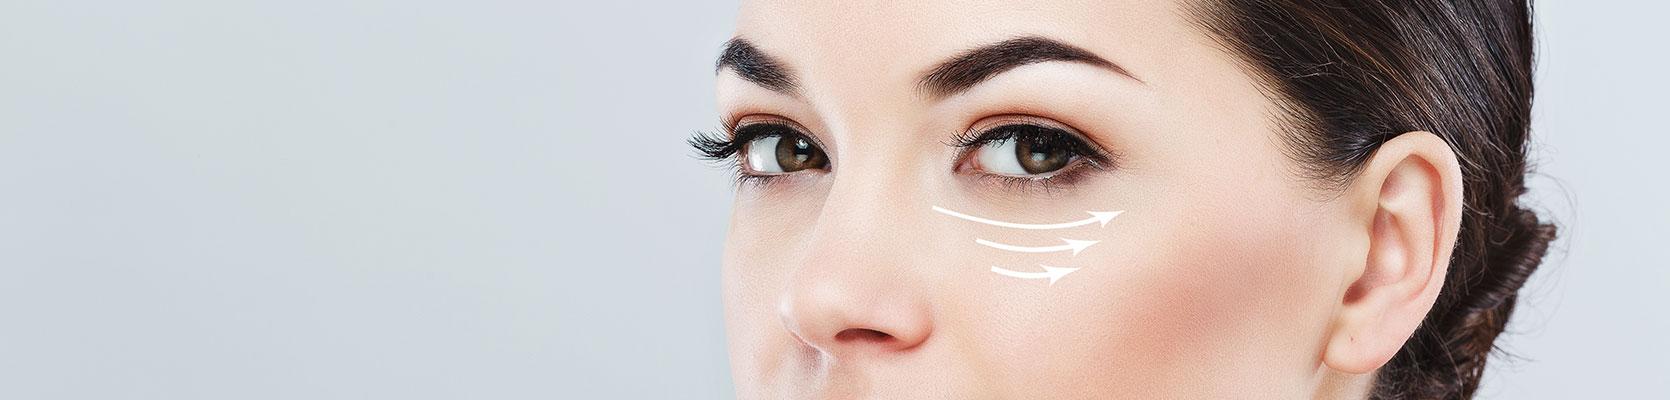 Maquillage normal et semi-permanent – Institut de beauté à Brioude